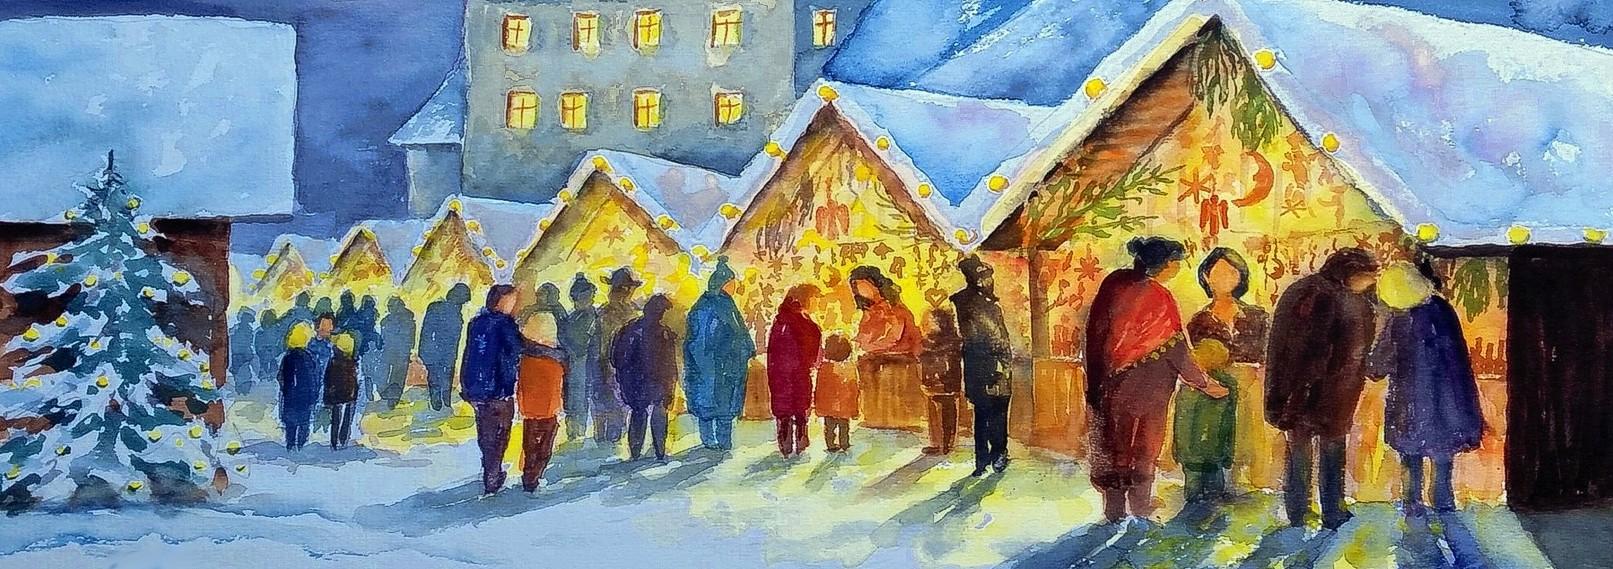 08-Weihnachtsmarkt-Schloss Salem